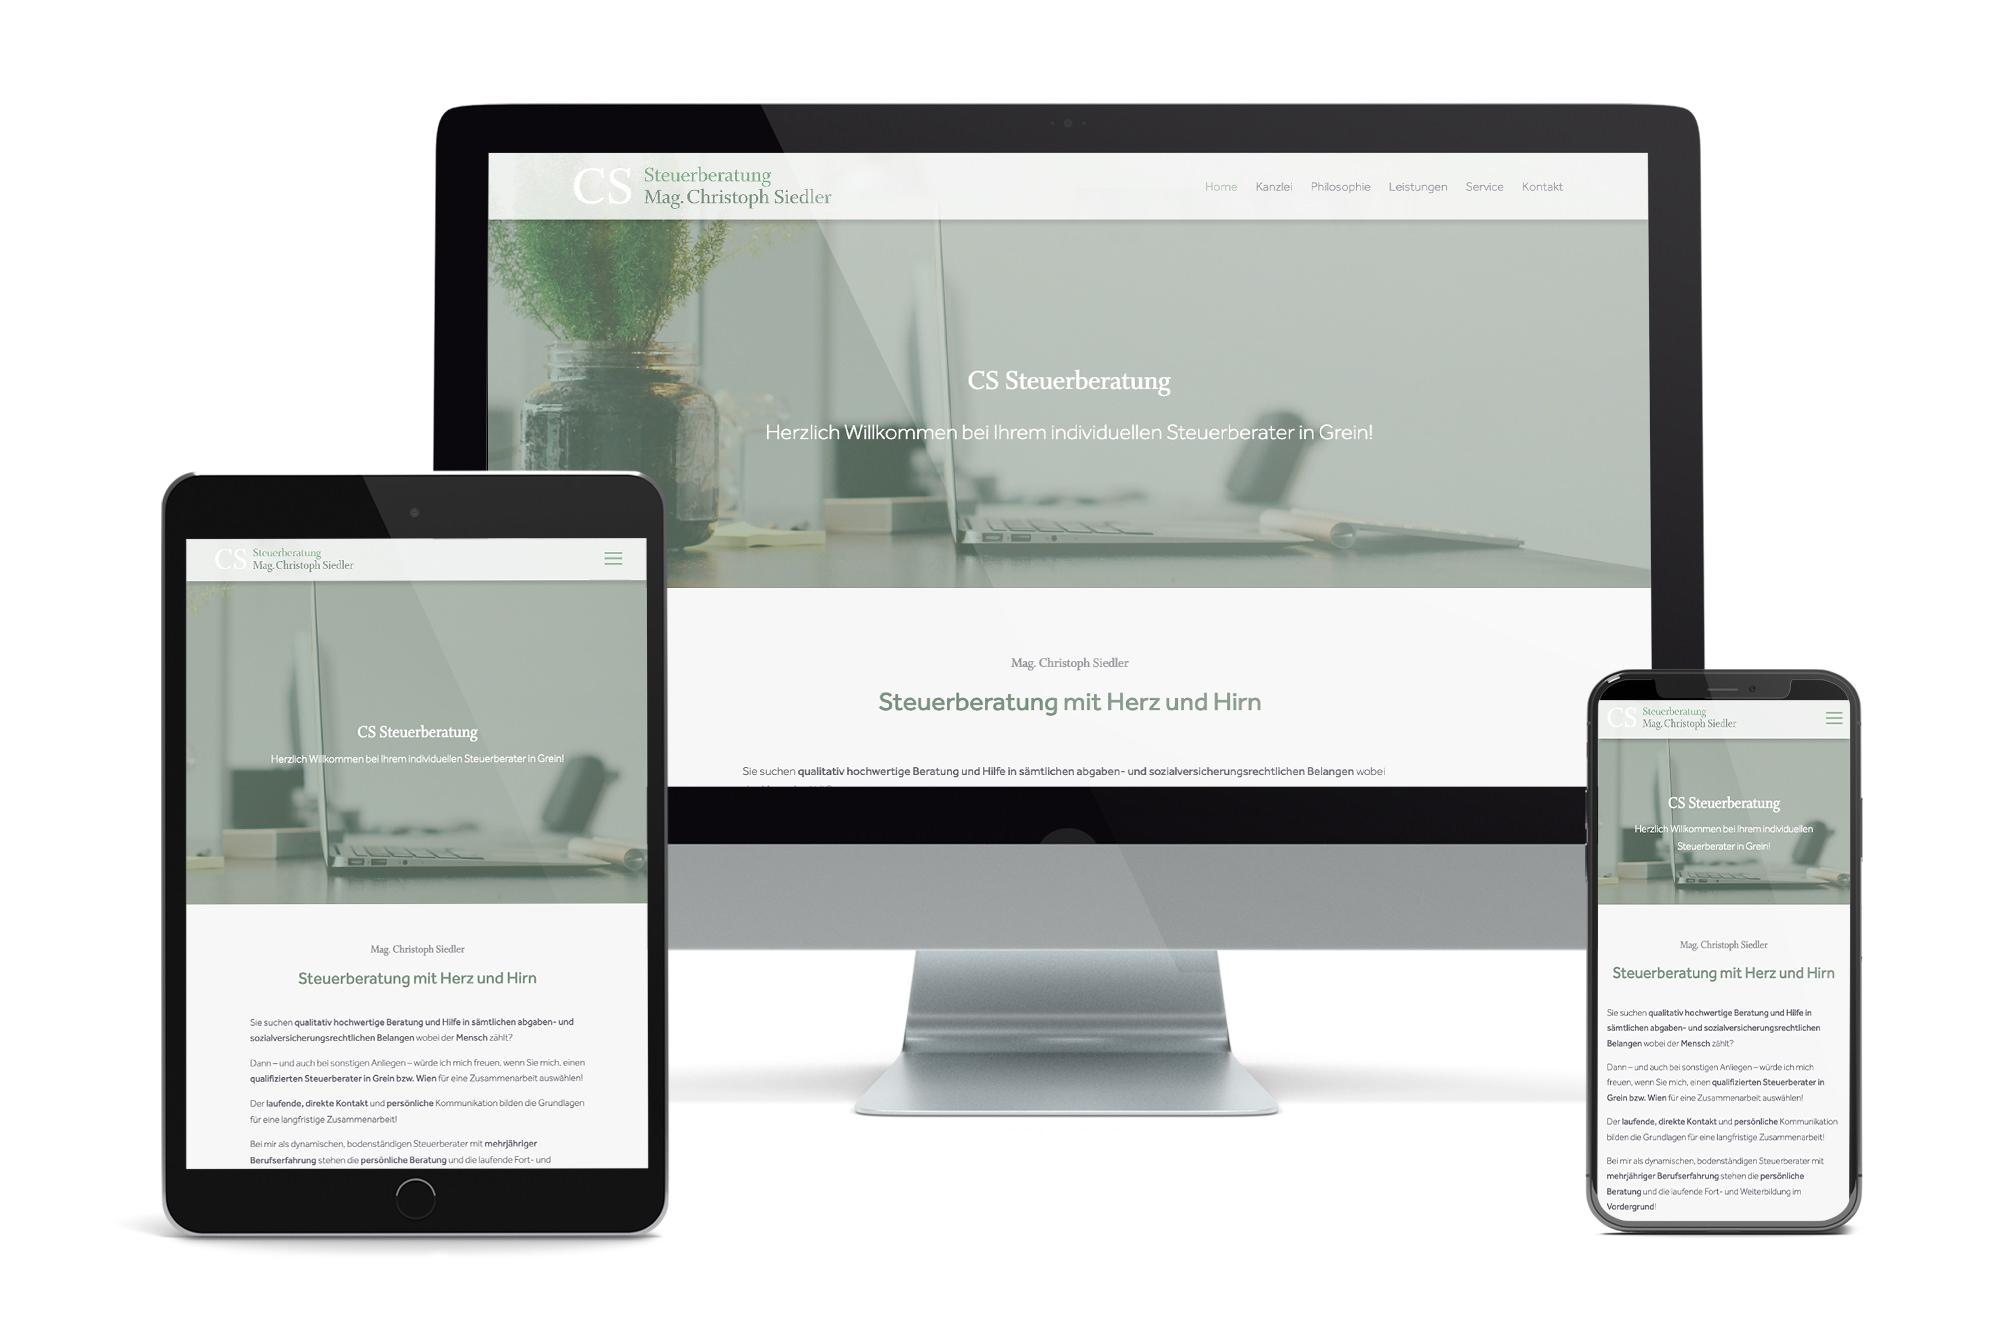 Webdesign Beispiel: Neue Website für Steuerberater in Grein